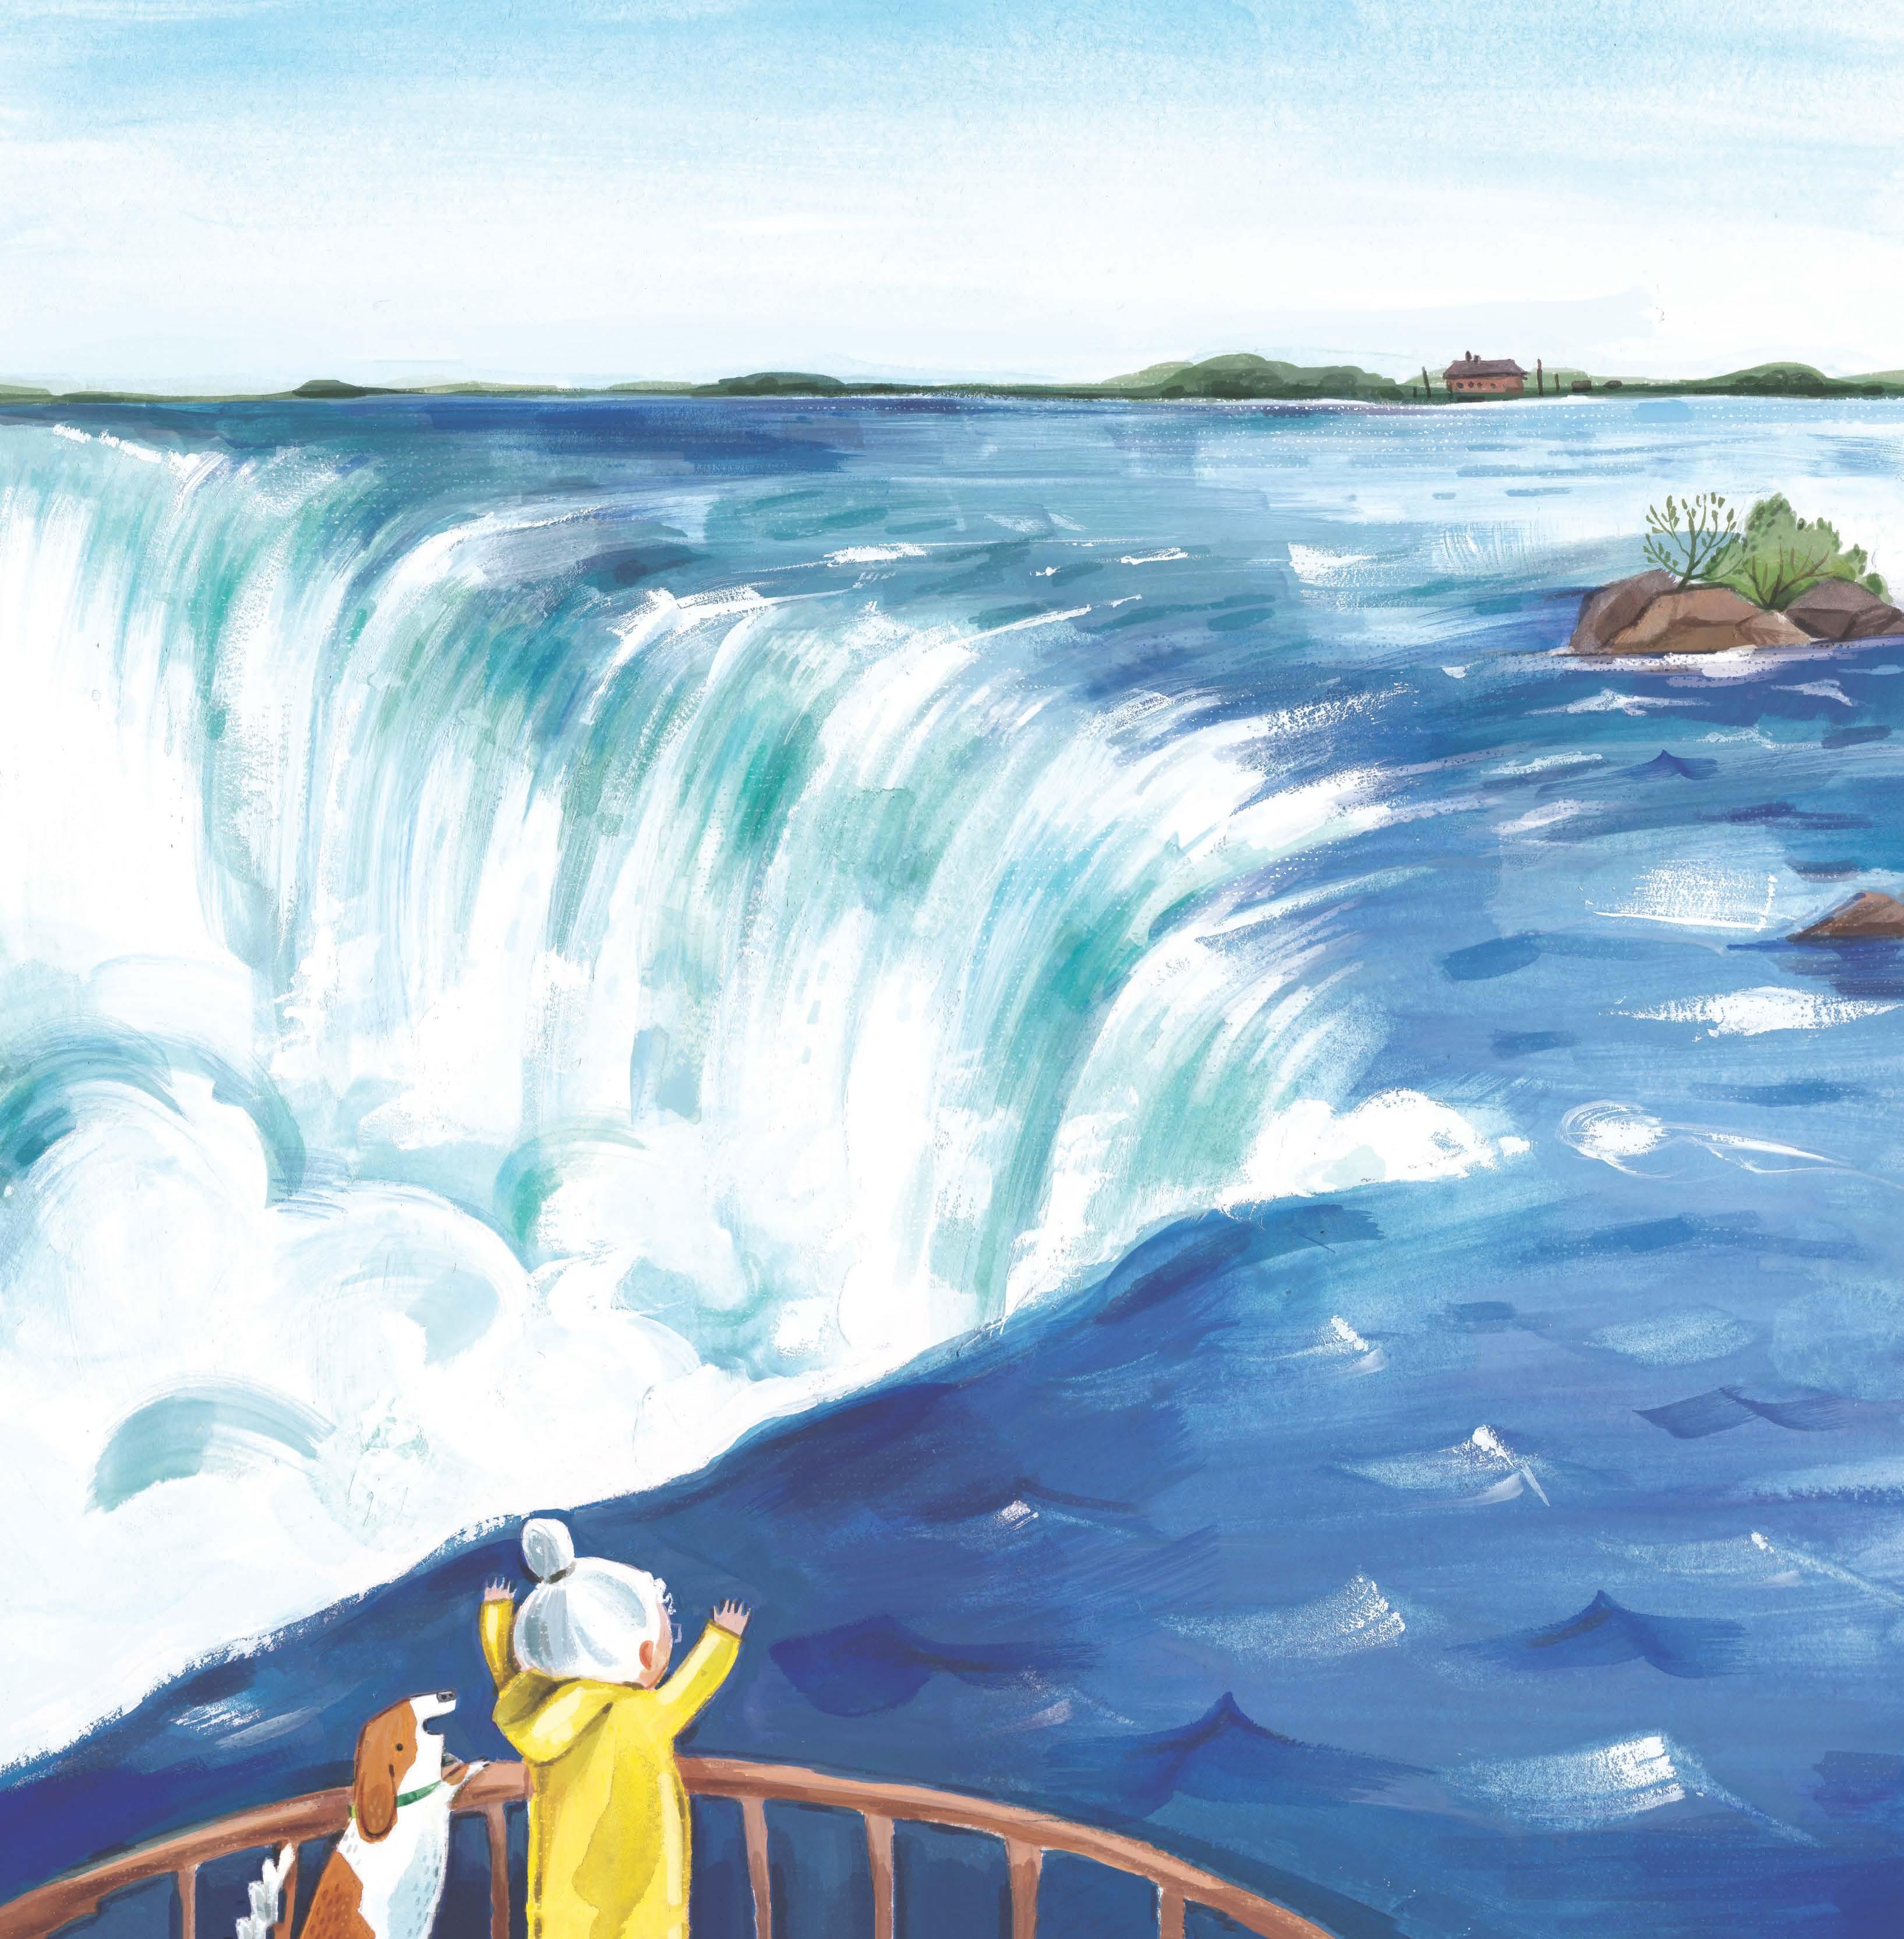 celebrate-picture-books-picture-book-review-carson-crosses-canada-niagara-falls